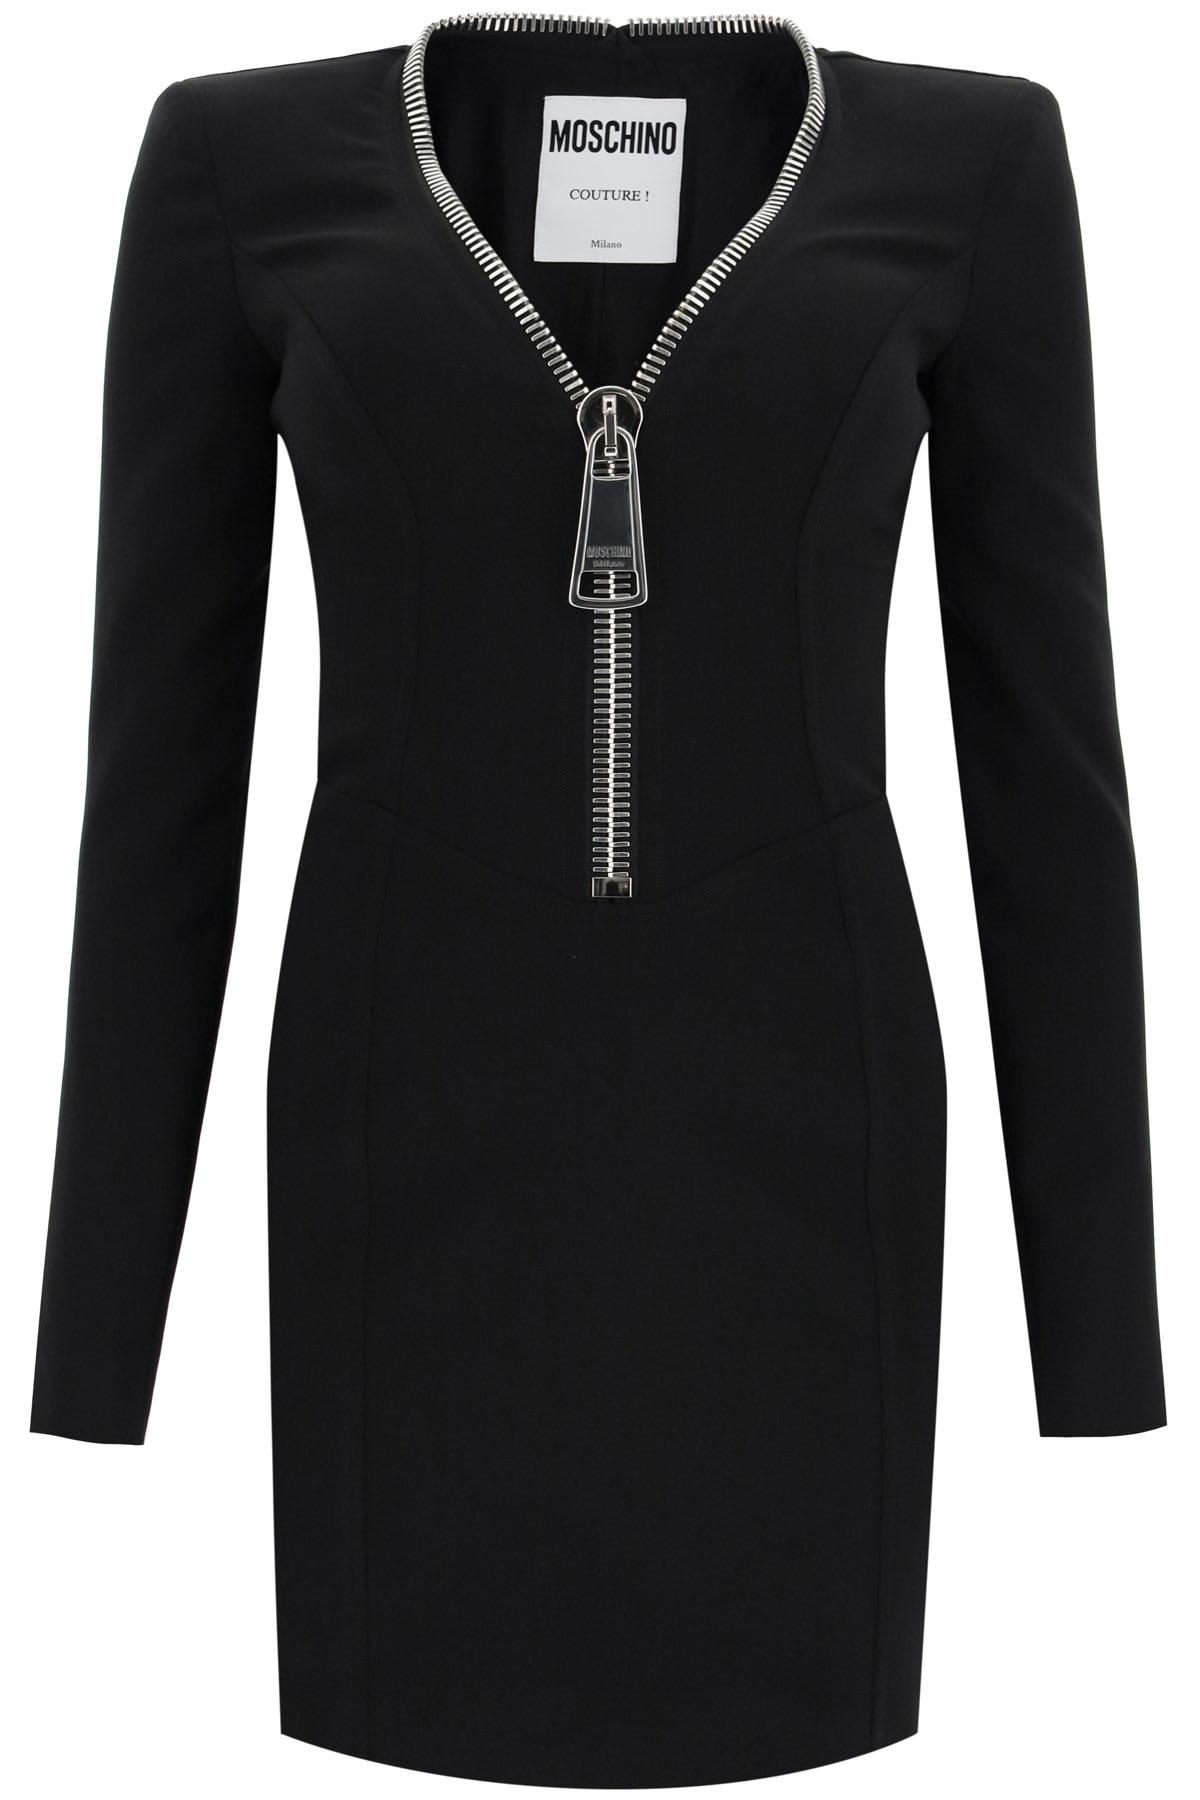 Moschino Mini Dress With Macro Zip